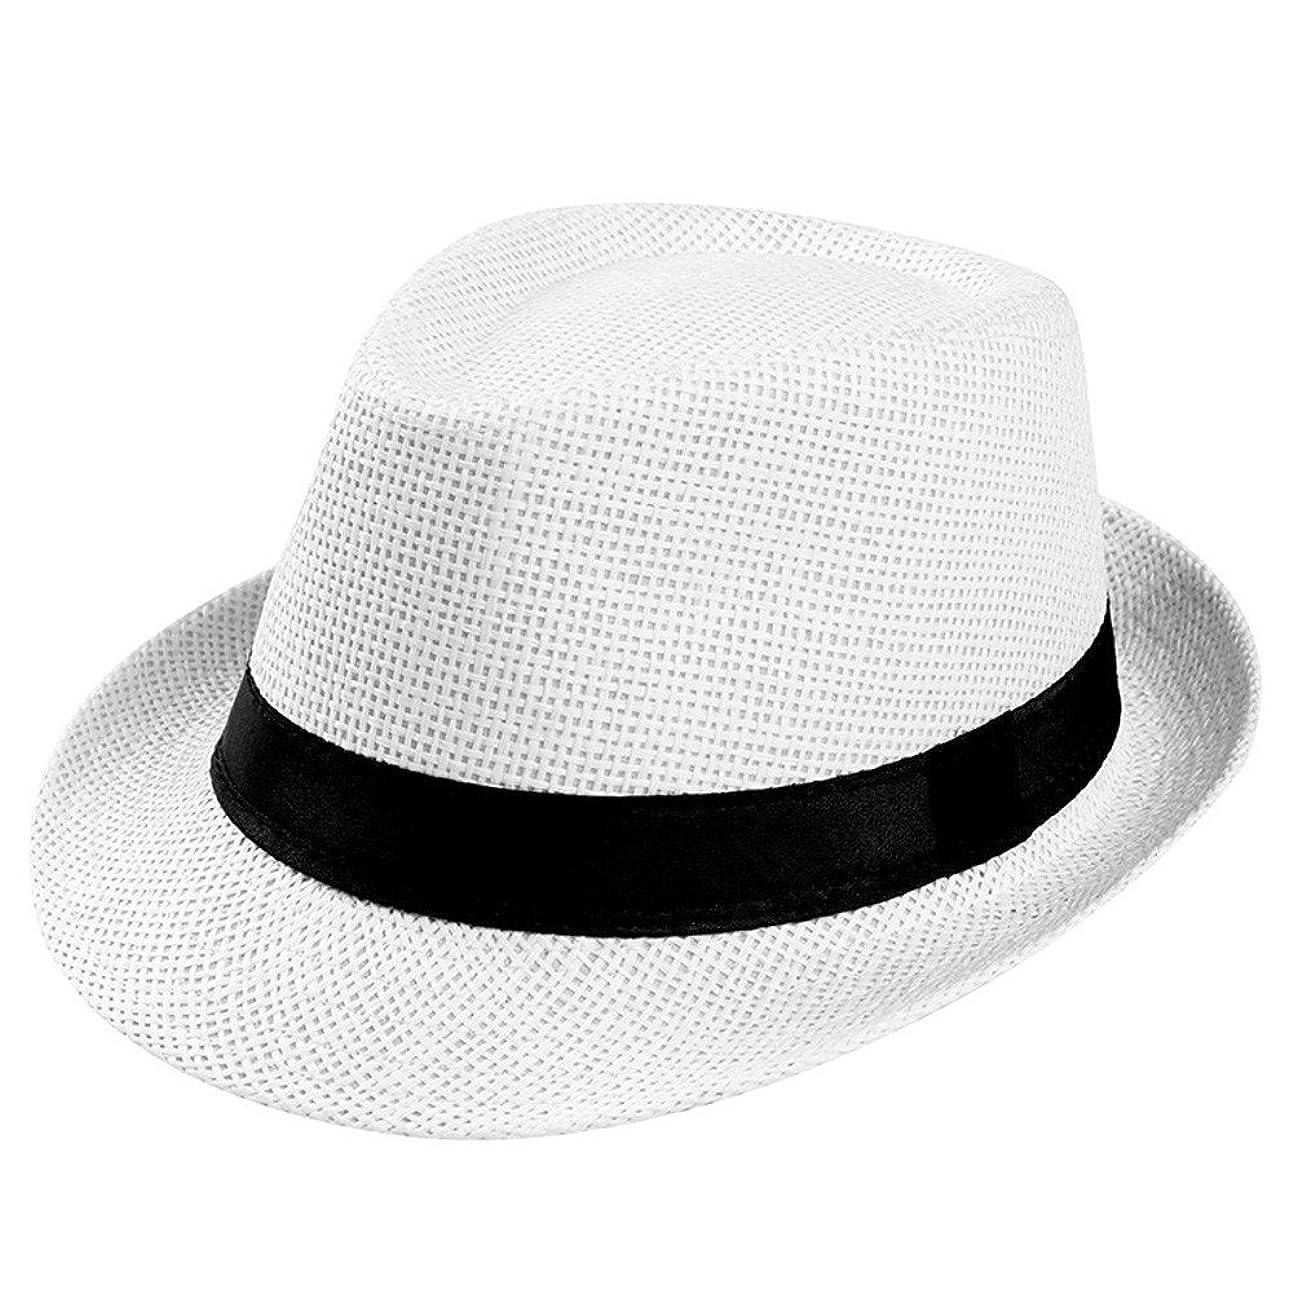 昼寝数字空中サンバイザー UVカット Zoiearl メンズ レディース 帽子 吸汗速乾 ワイド 帽子 紫外線対策 日焼け防止 雨対策 フルフェイス 男女兼用 春 夏 秋 小顔効果抜群 旅行 キャップ